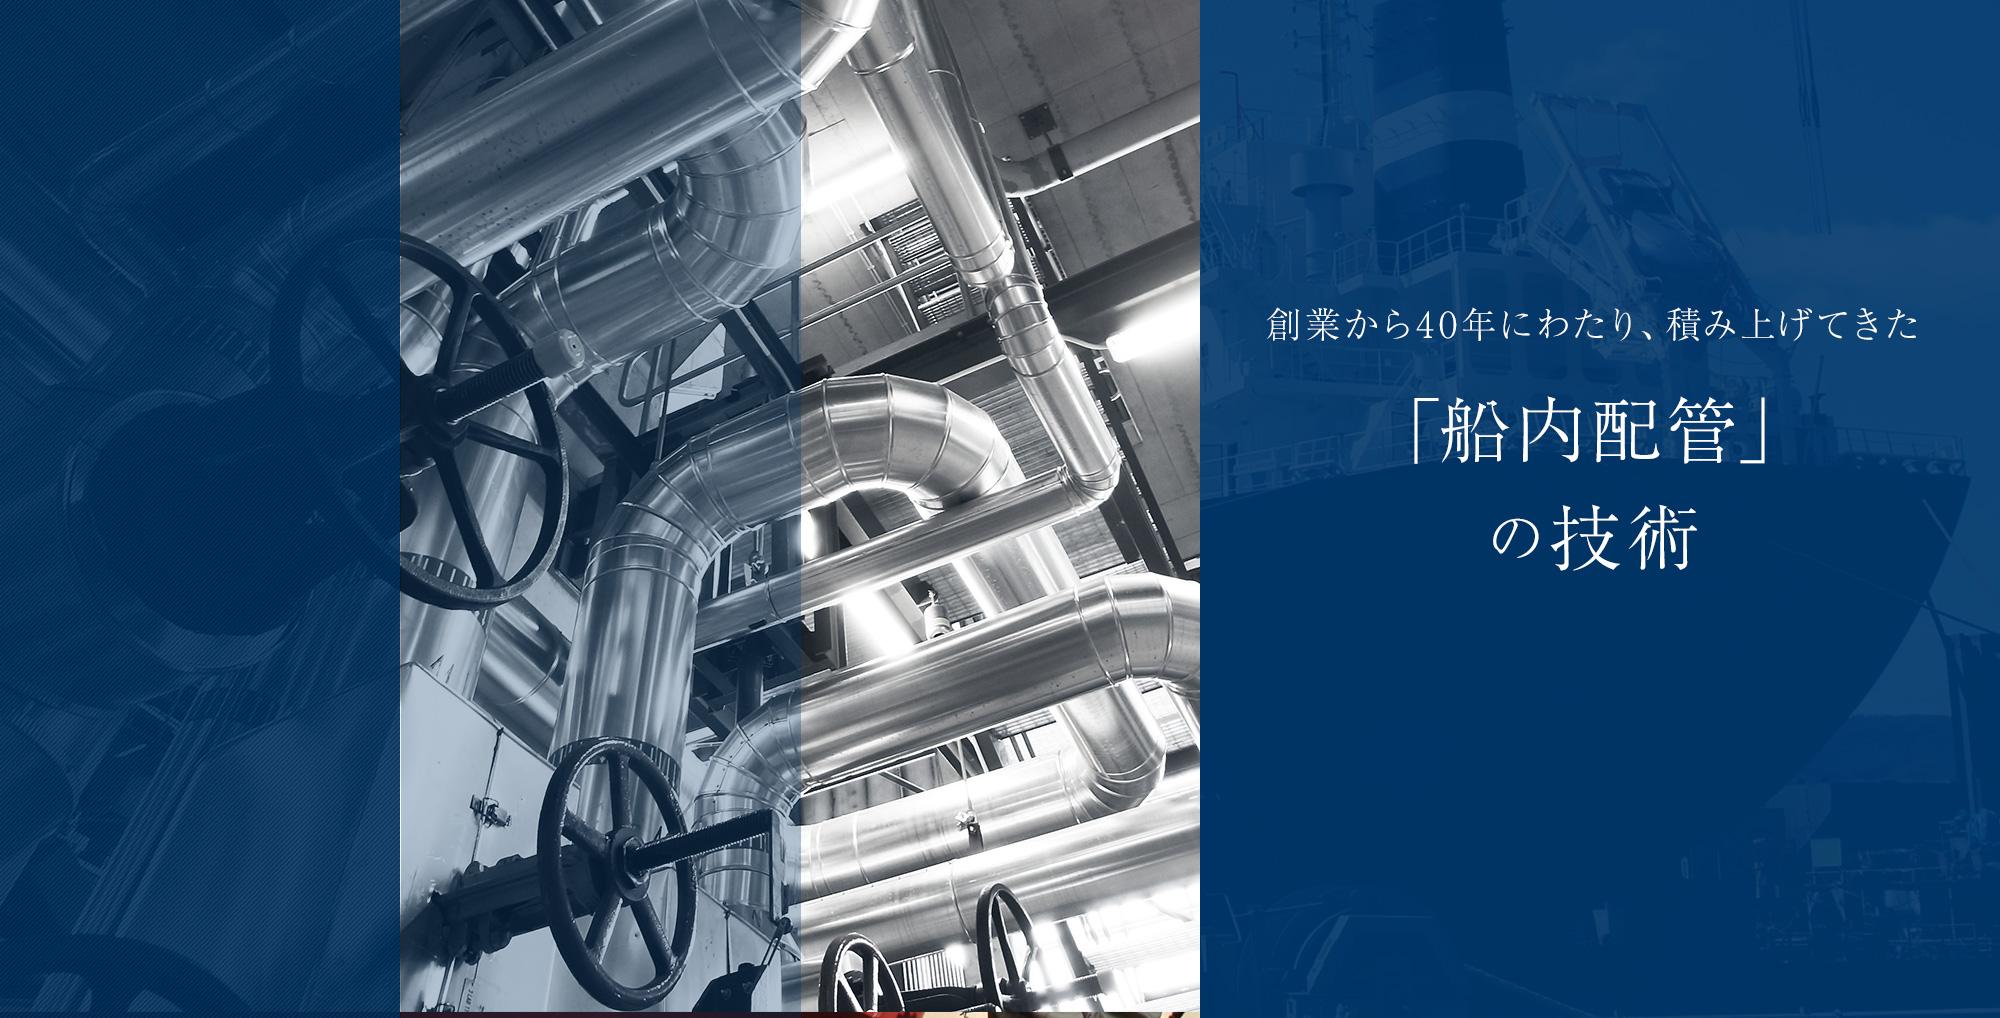 創業から40年にわたり、積み上げてきた「船内配管」の技術